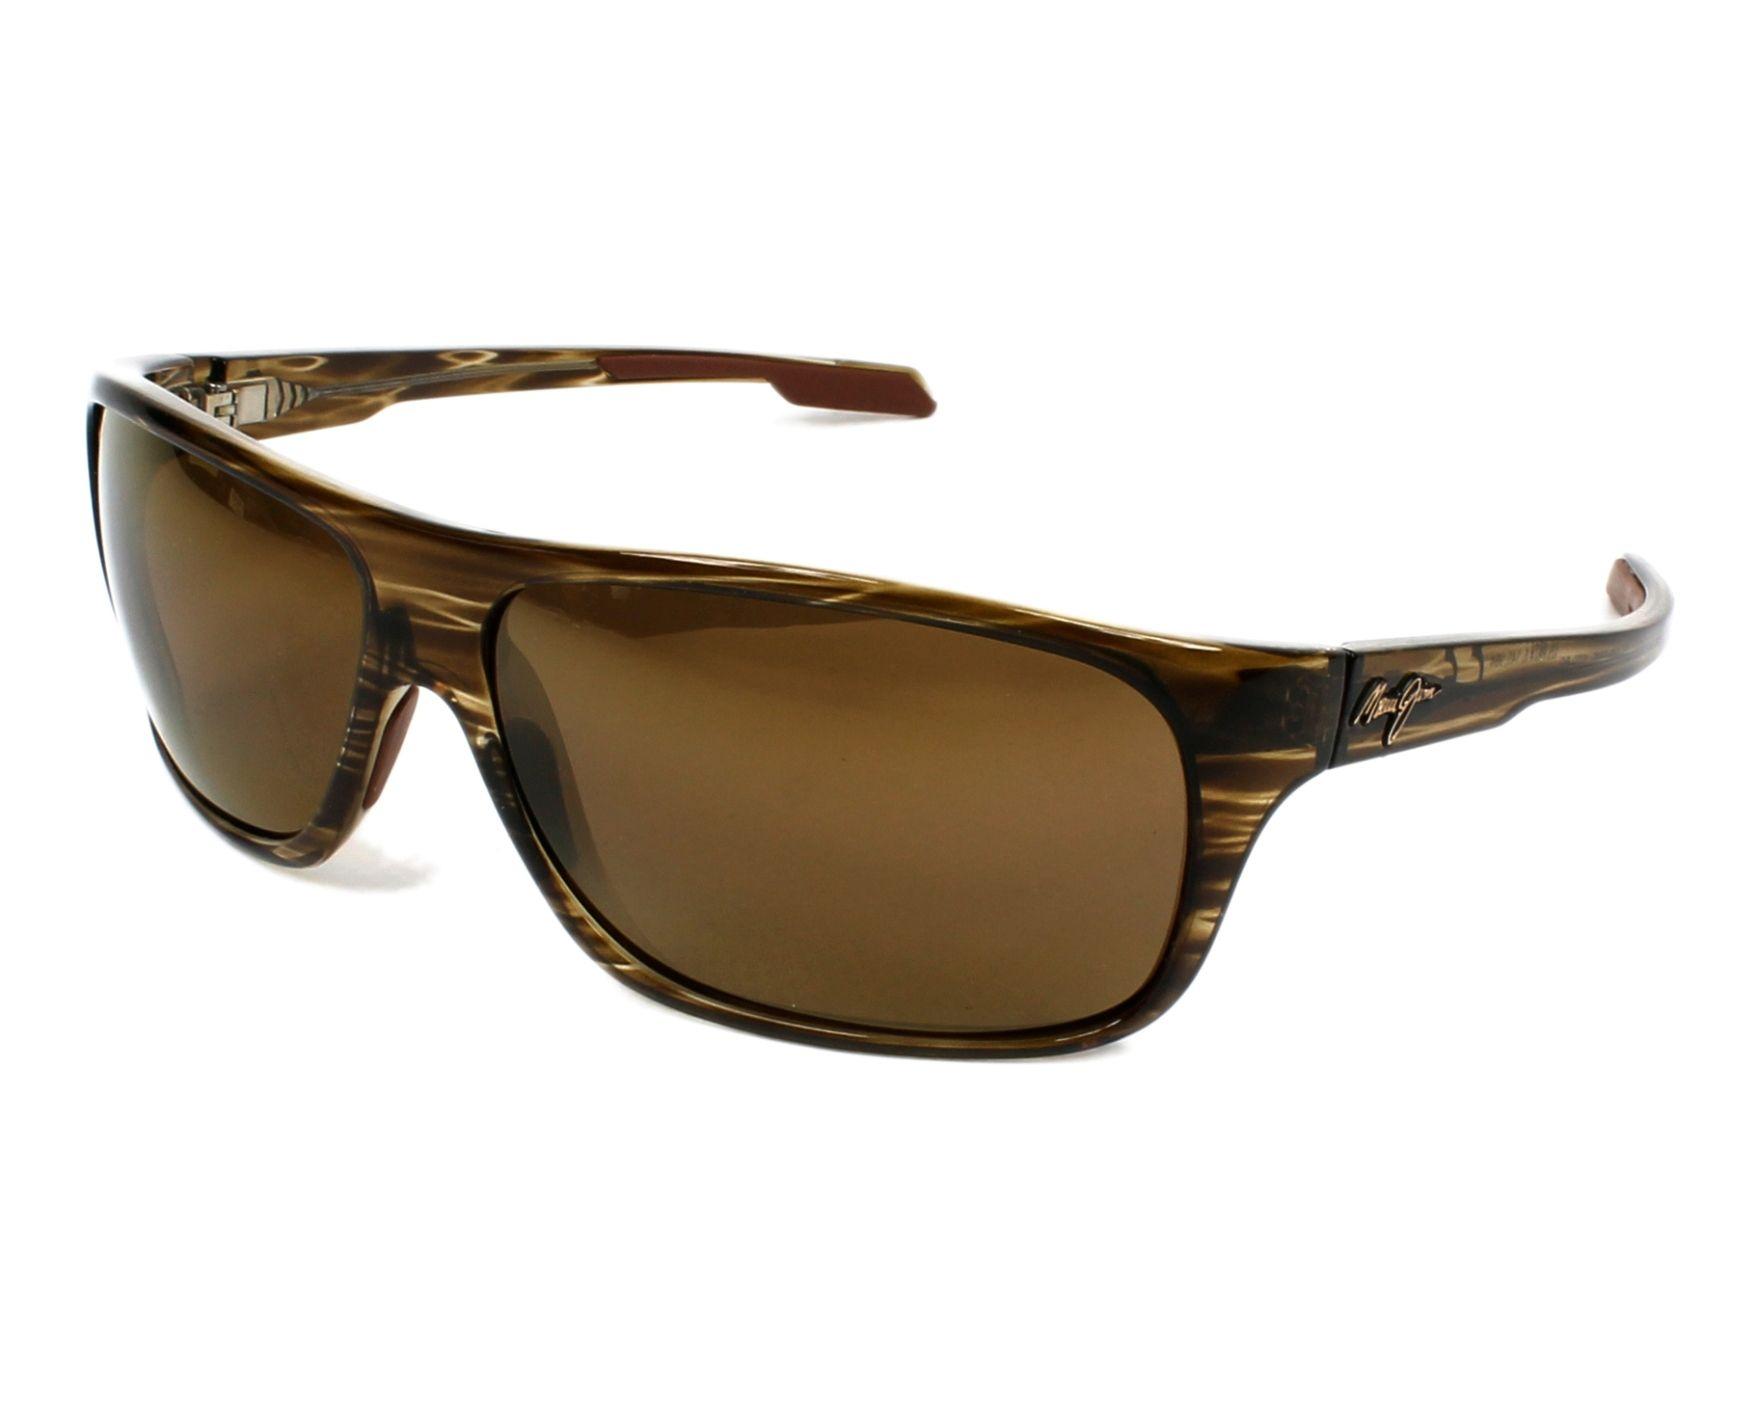 Lunettes de soleil maui jim h 237 15 marron avec des verres marron - Verre lunette raye assurance ...